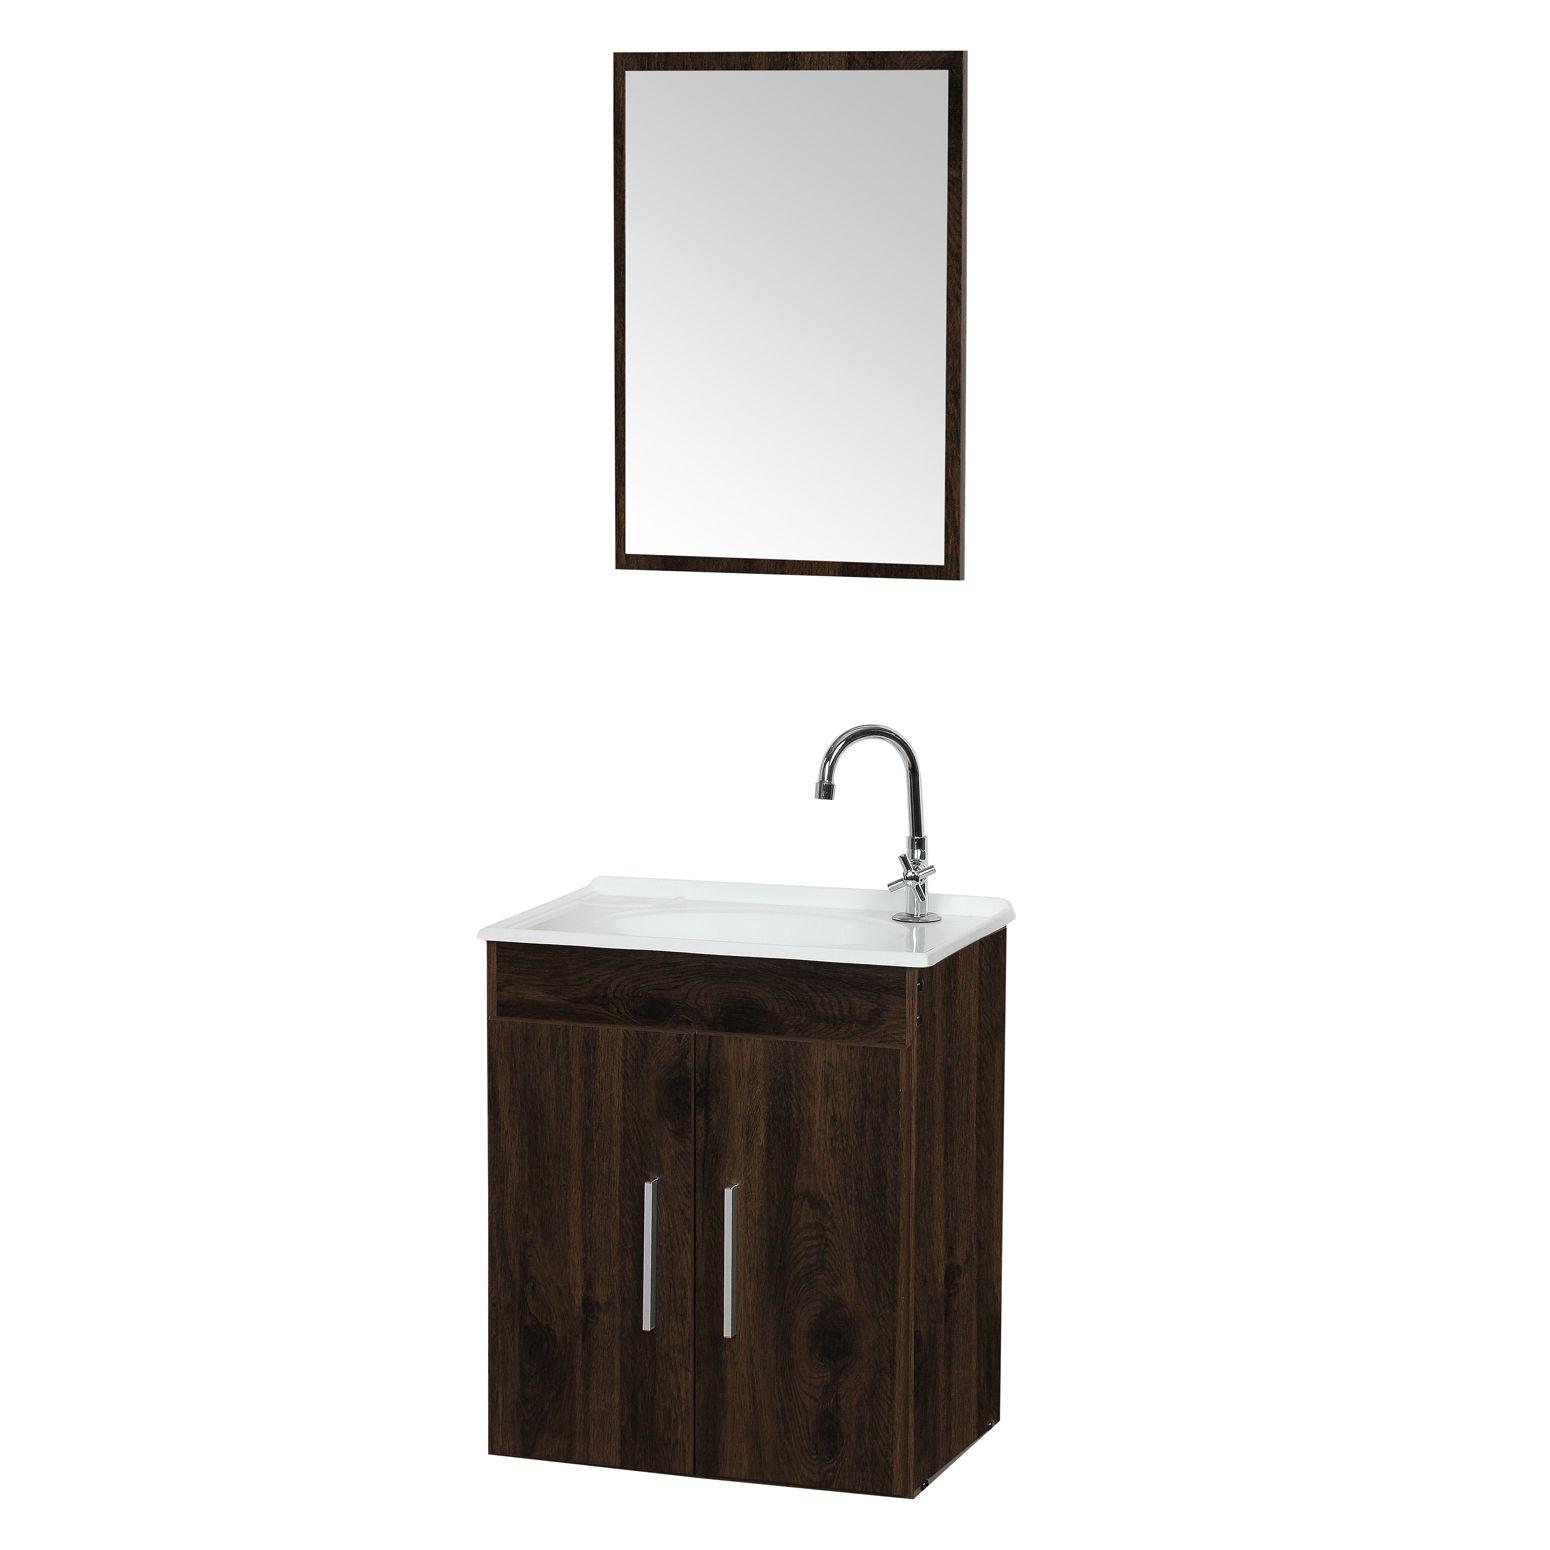 Conjunto Gabinete com Cuba e Espelho Para Banheiro Celta Malbec - Fhem Móveis